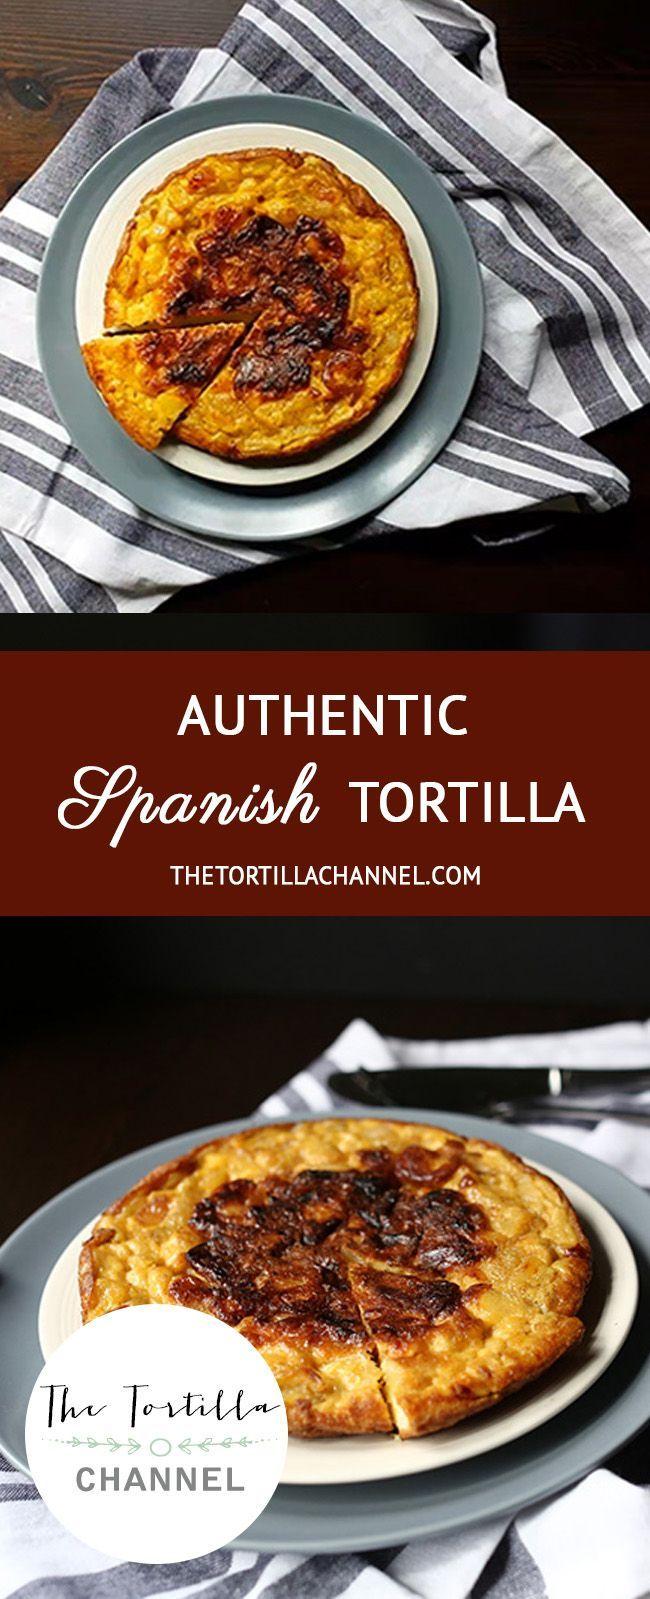 Mit nur drei Zutaten ist es einfach, authentische spanische Tortilla hinzuzufügen.